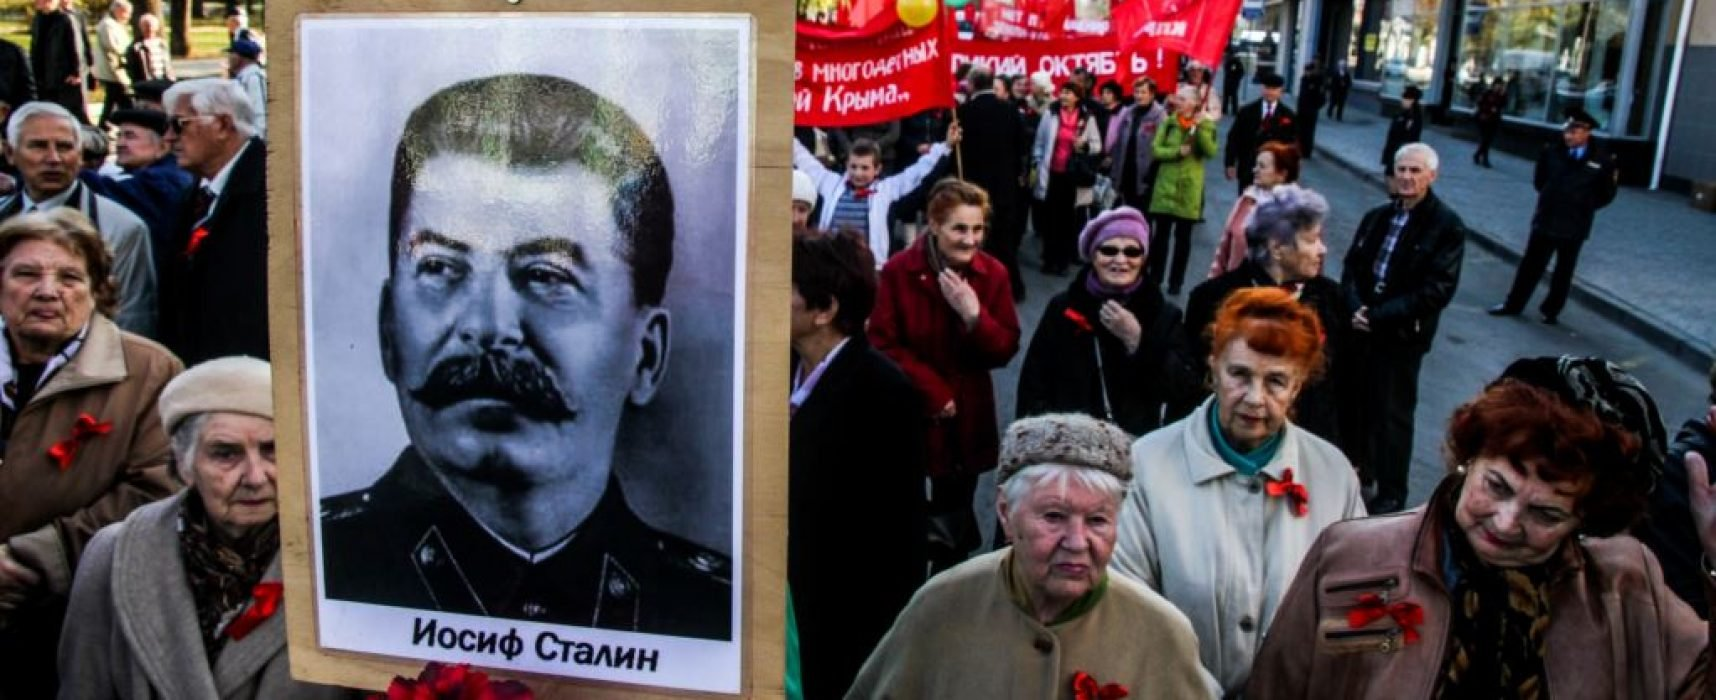 Павел Казарин: Ностальгия подлецов